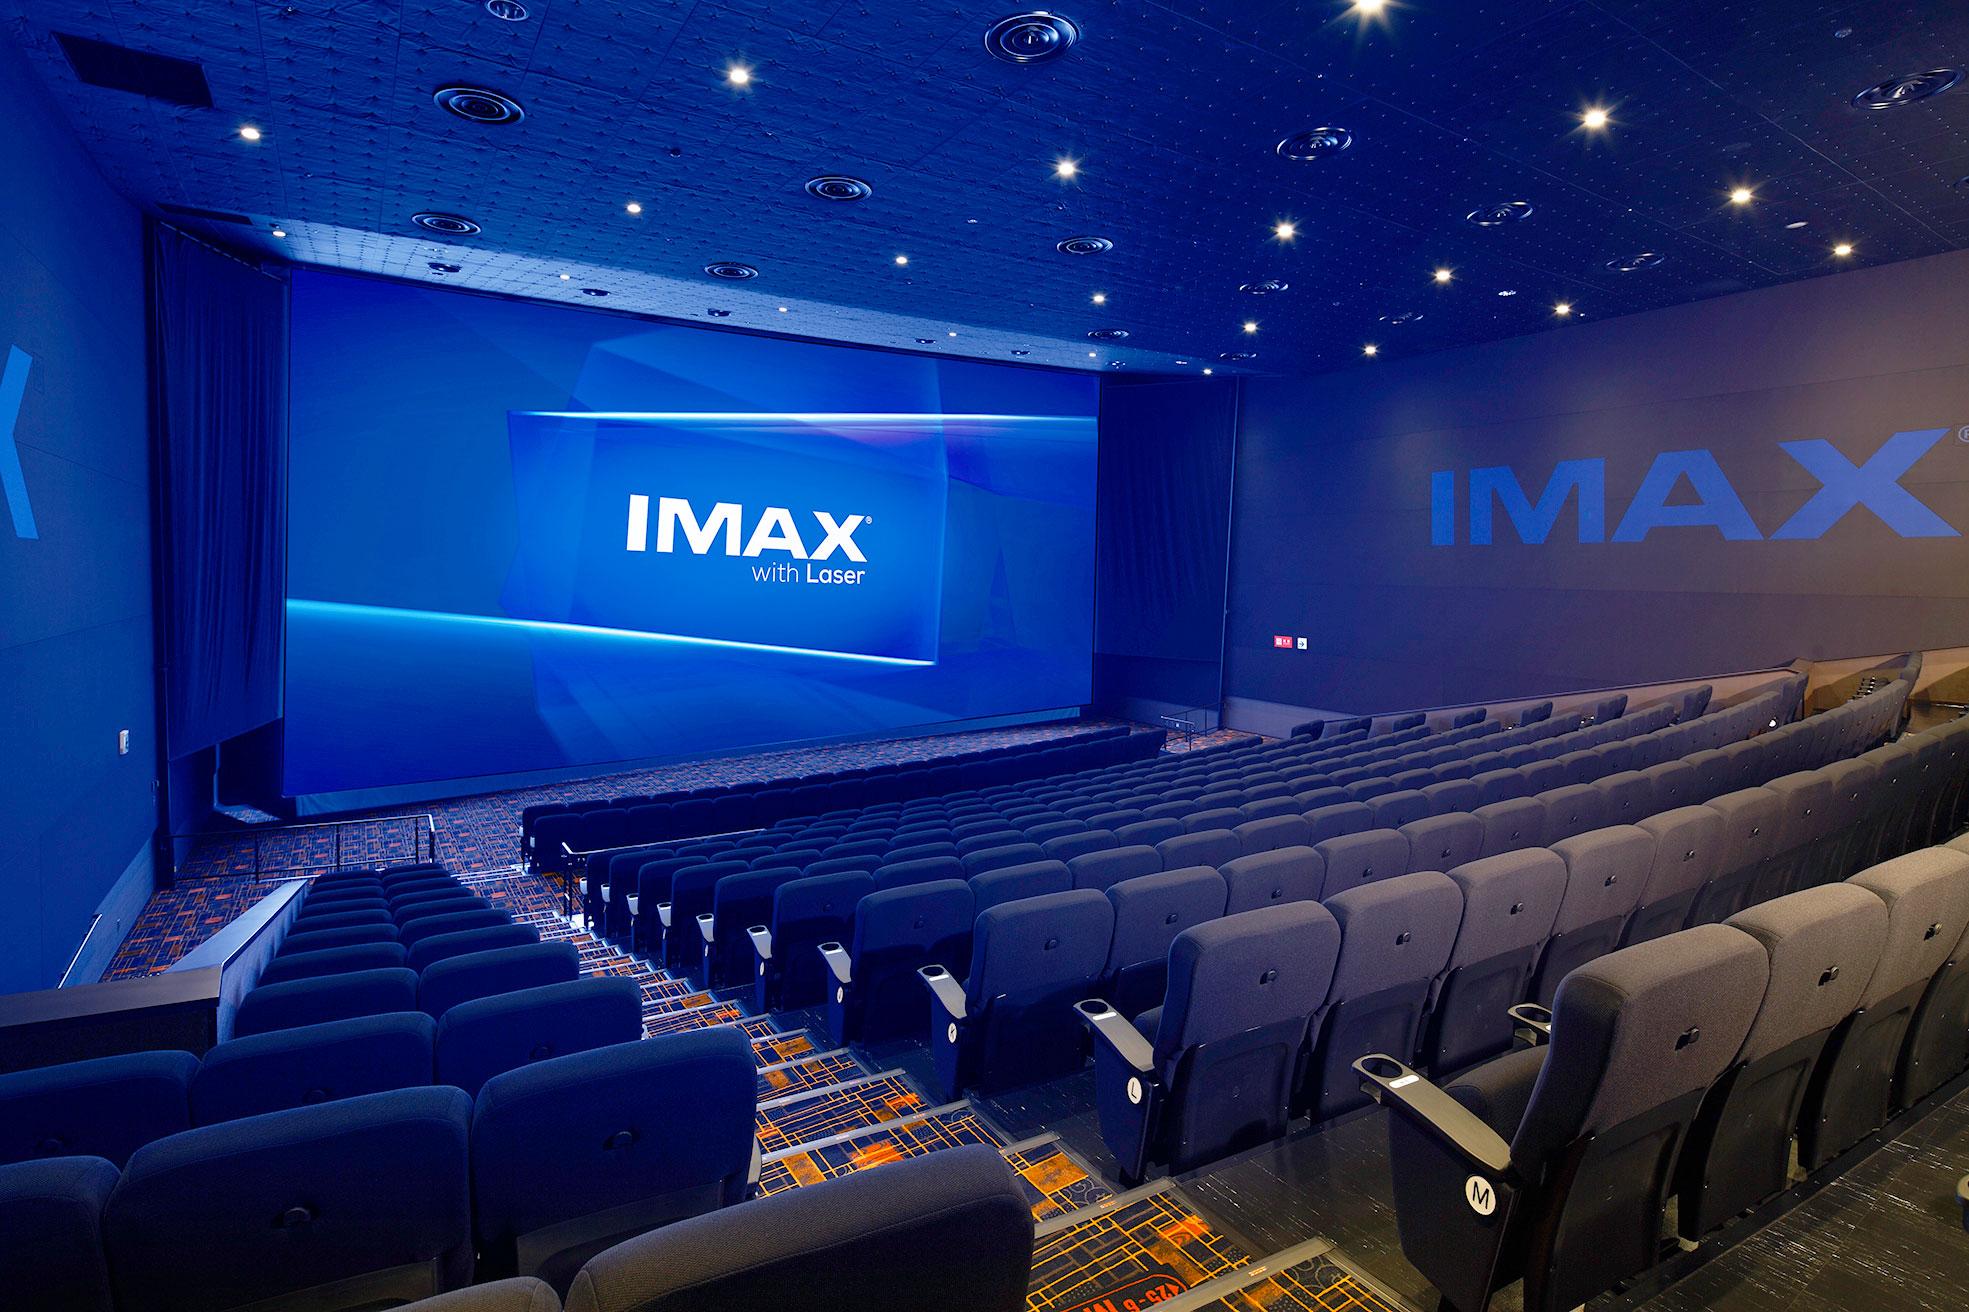 奈良にimaxレーザー 12ch音響劇場 シネマサンシャイン大和郡山 に22日導入 Av Watch